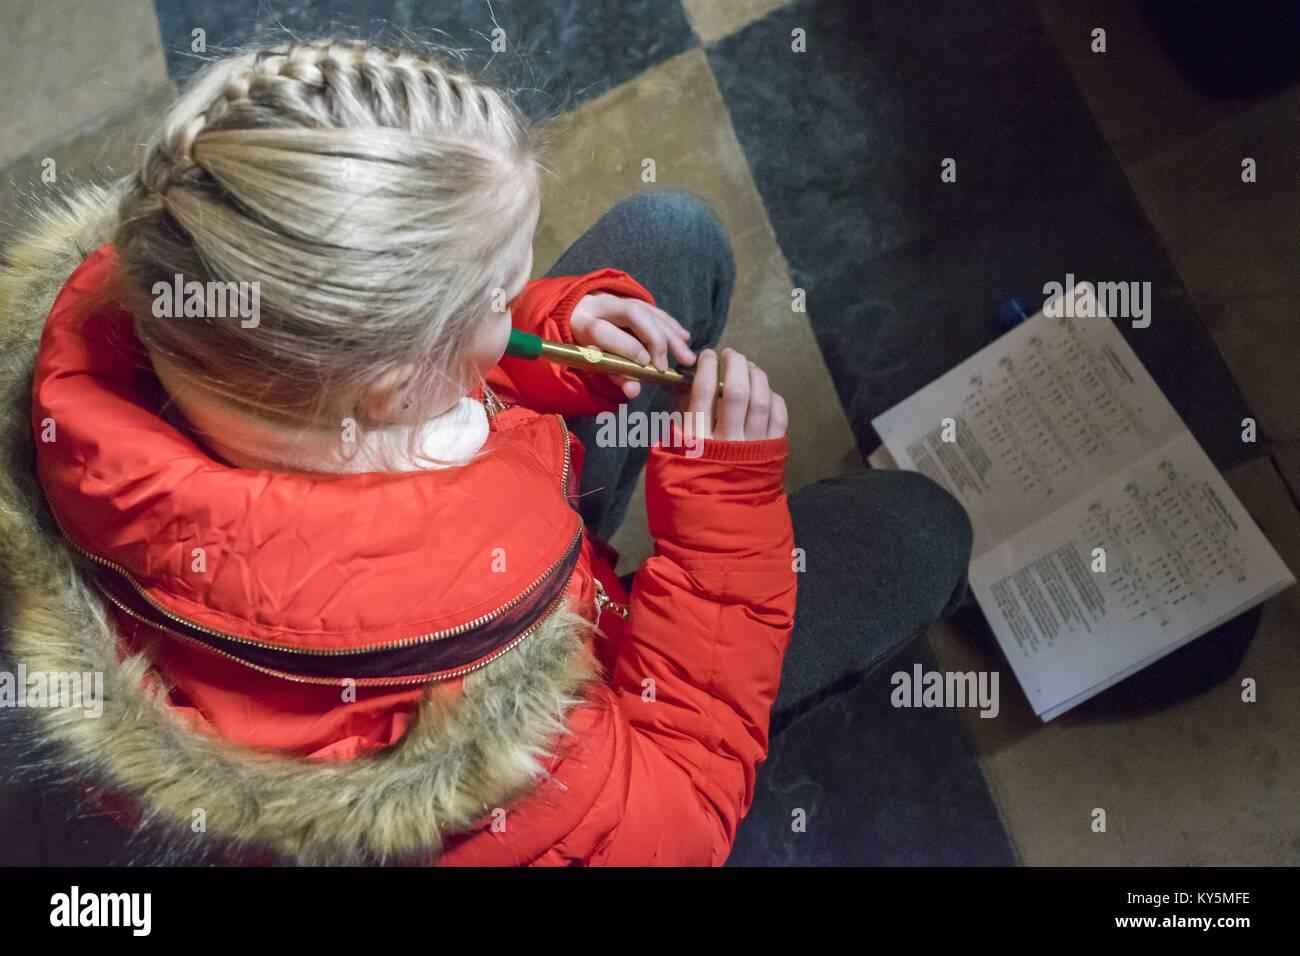 Polnische Weihnachtslieder Texte.Posen Großpolen Polen 13 Jan 2018 Januar 13 2018 Poznan